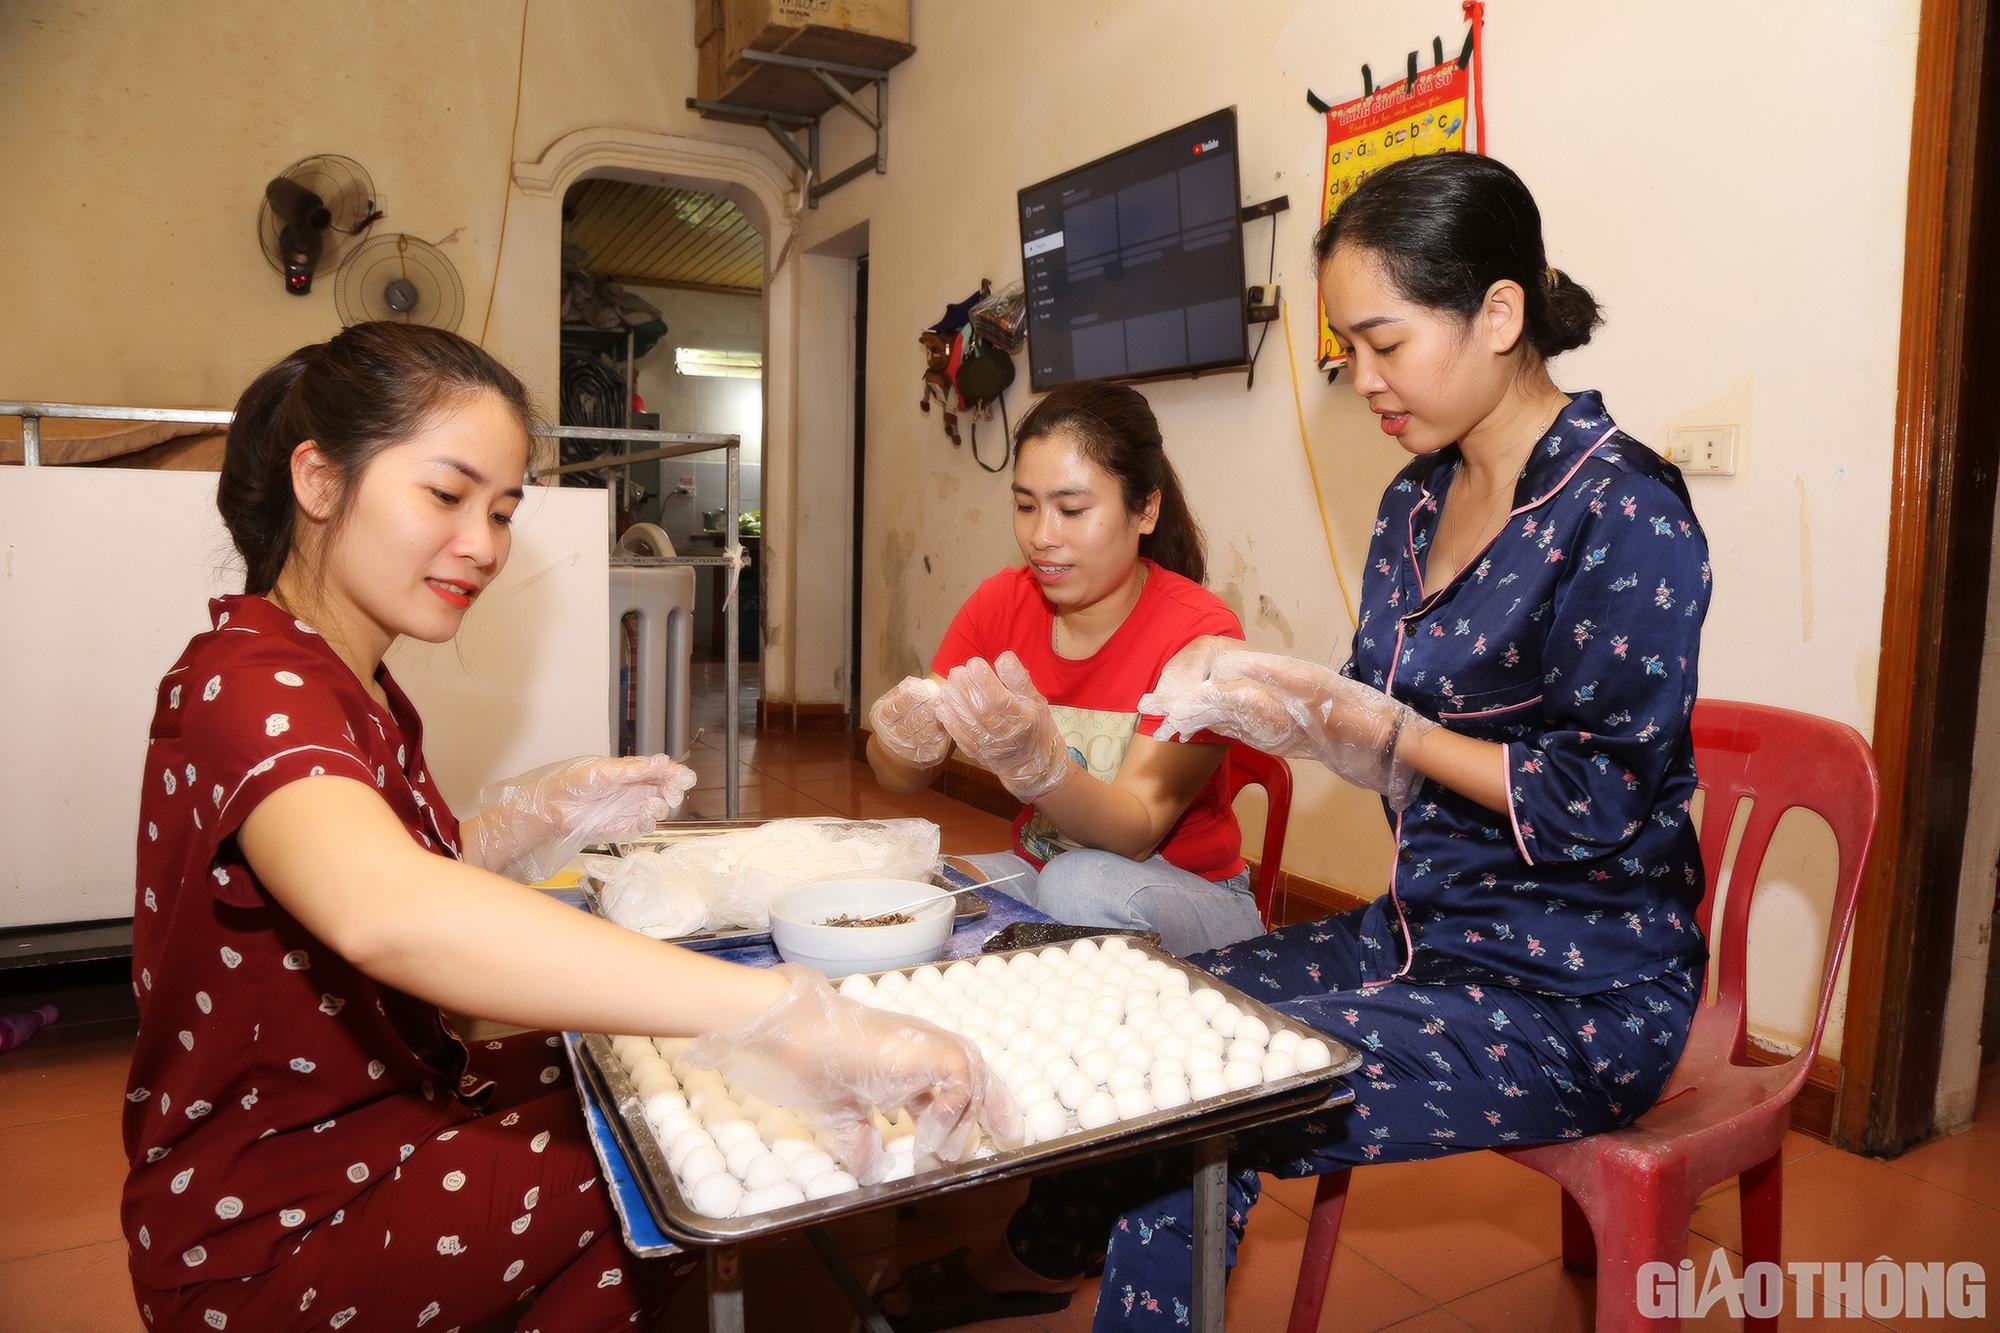 Du lịch 'chết lâm sàng', nữ giám đốc bán bánh kiếm tiền rau cá qua ngày - Ảnh 2.